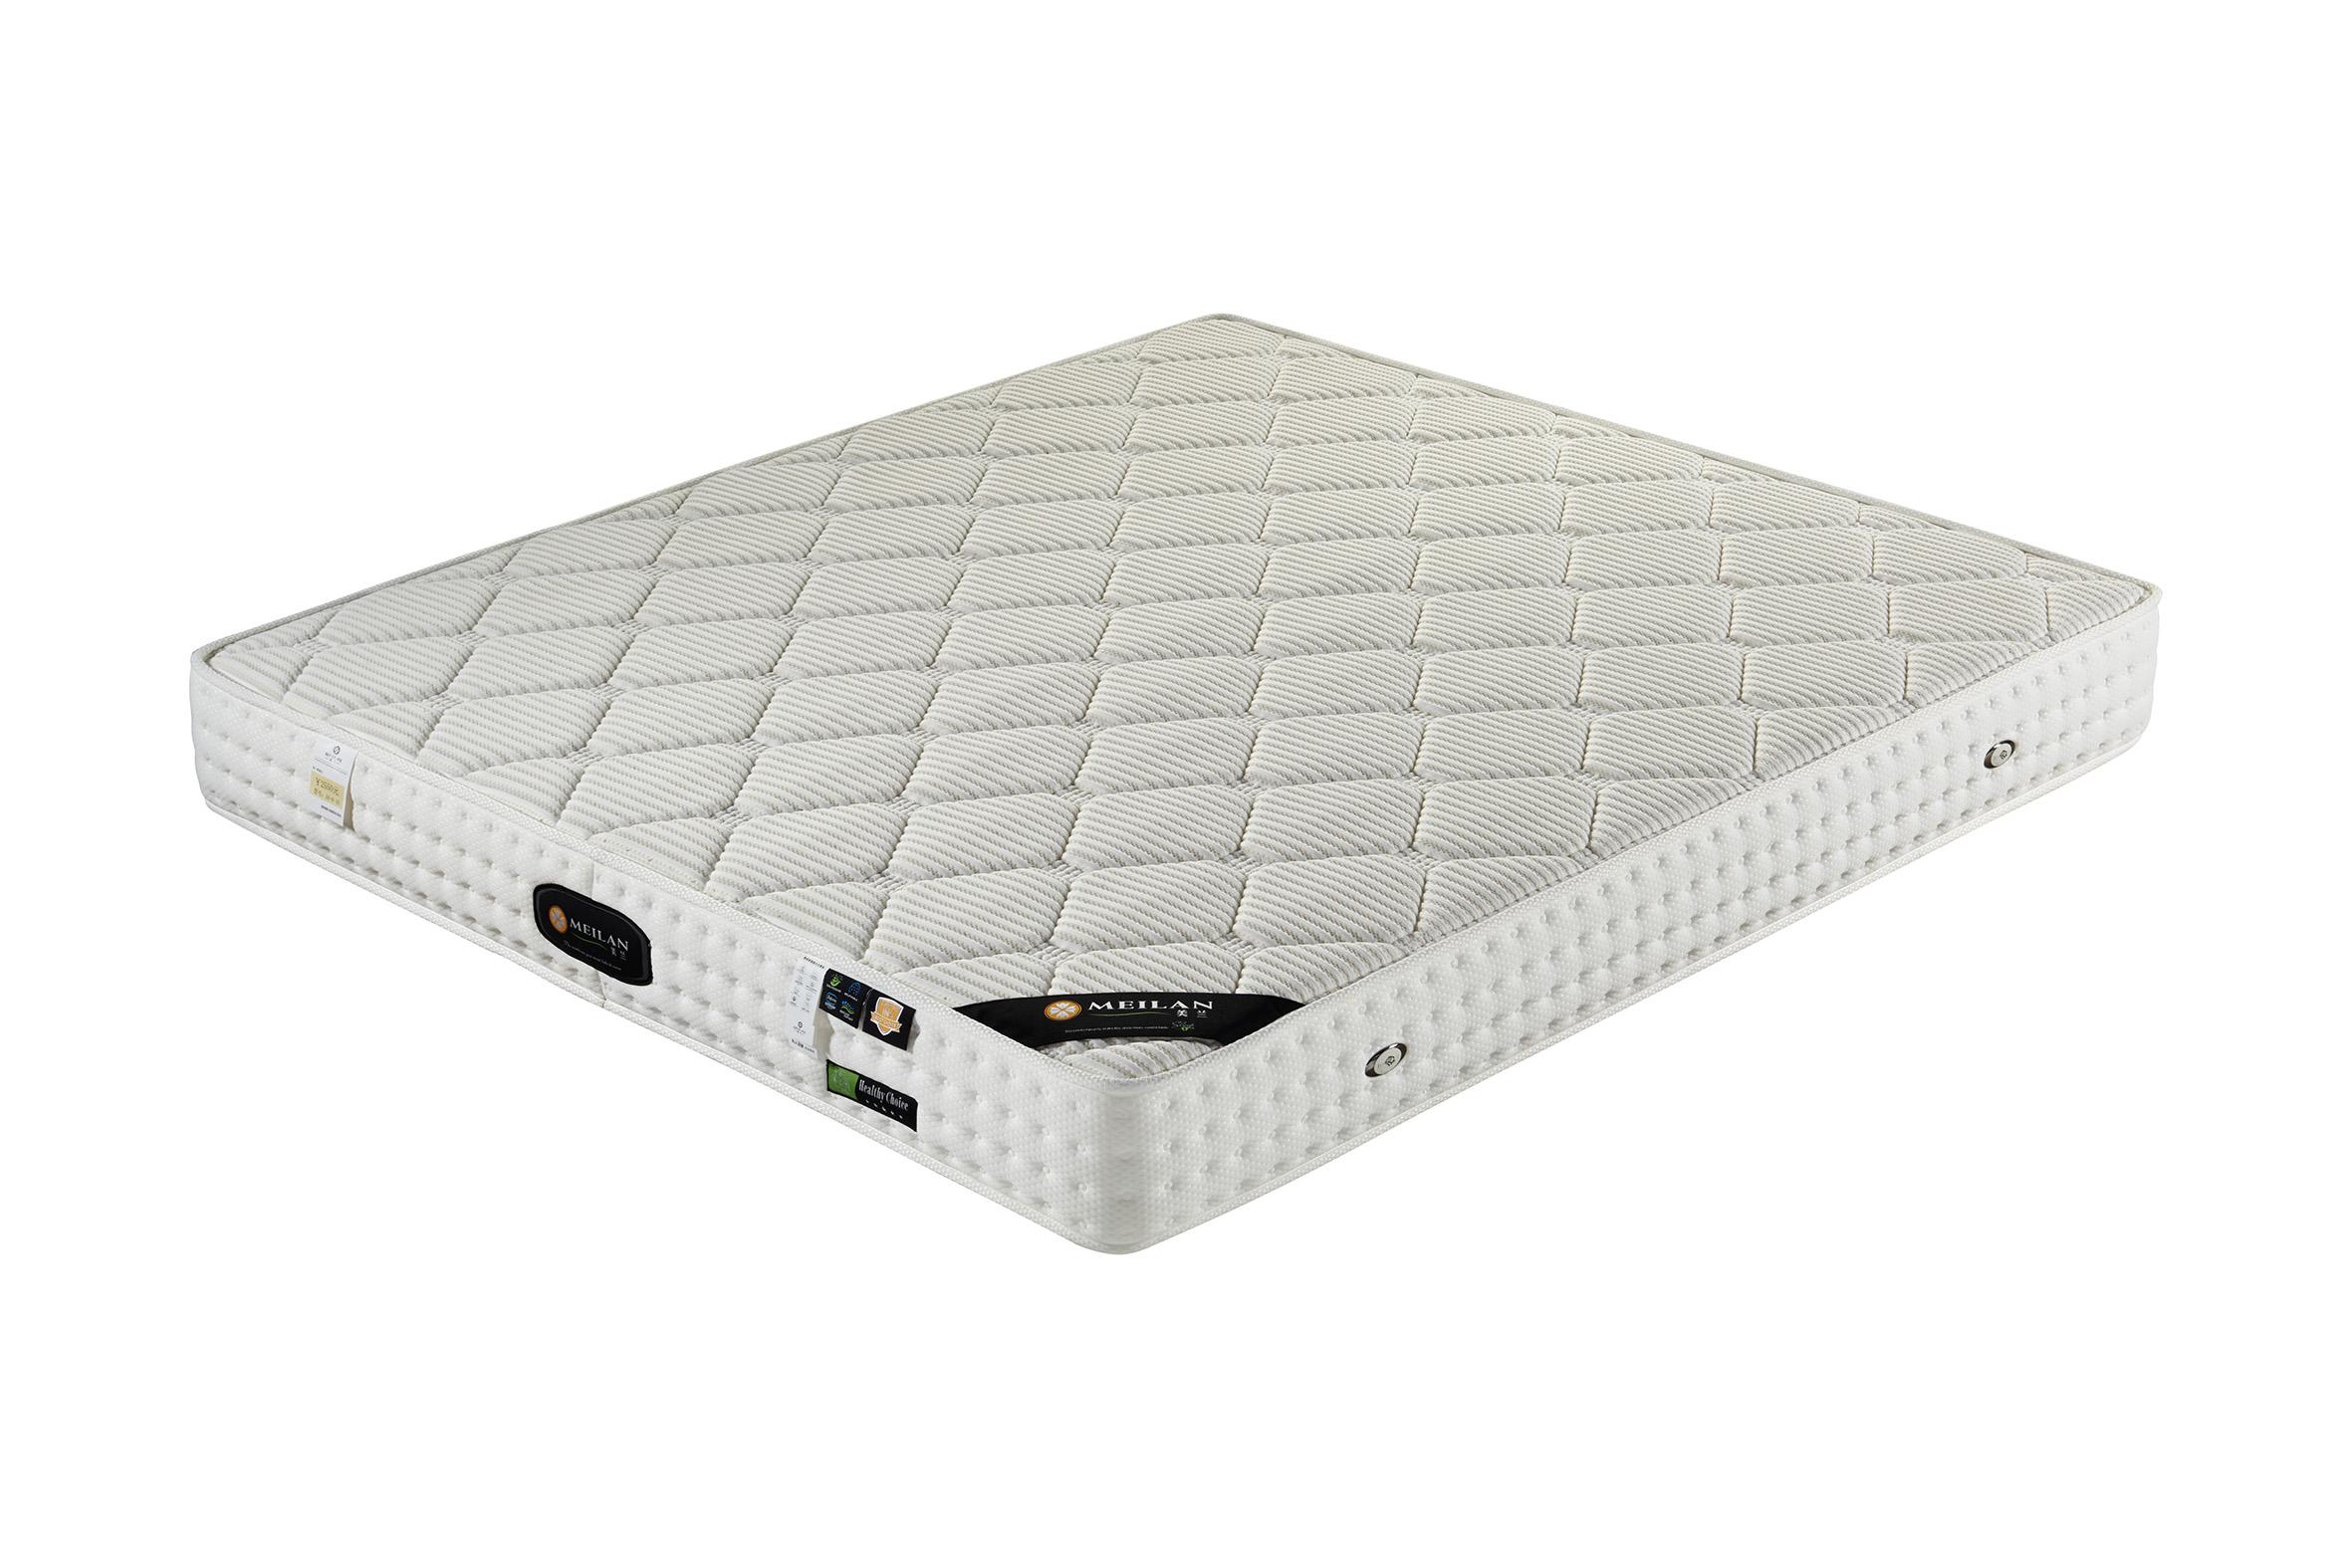 【揭秘】使用弹簧床垫的七个注意的地方 弹簧床垫选购时需要注意哪些地方